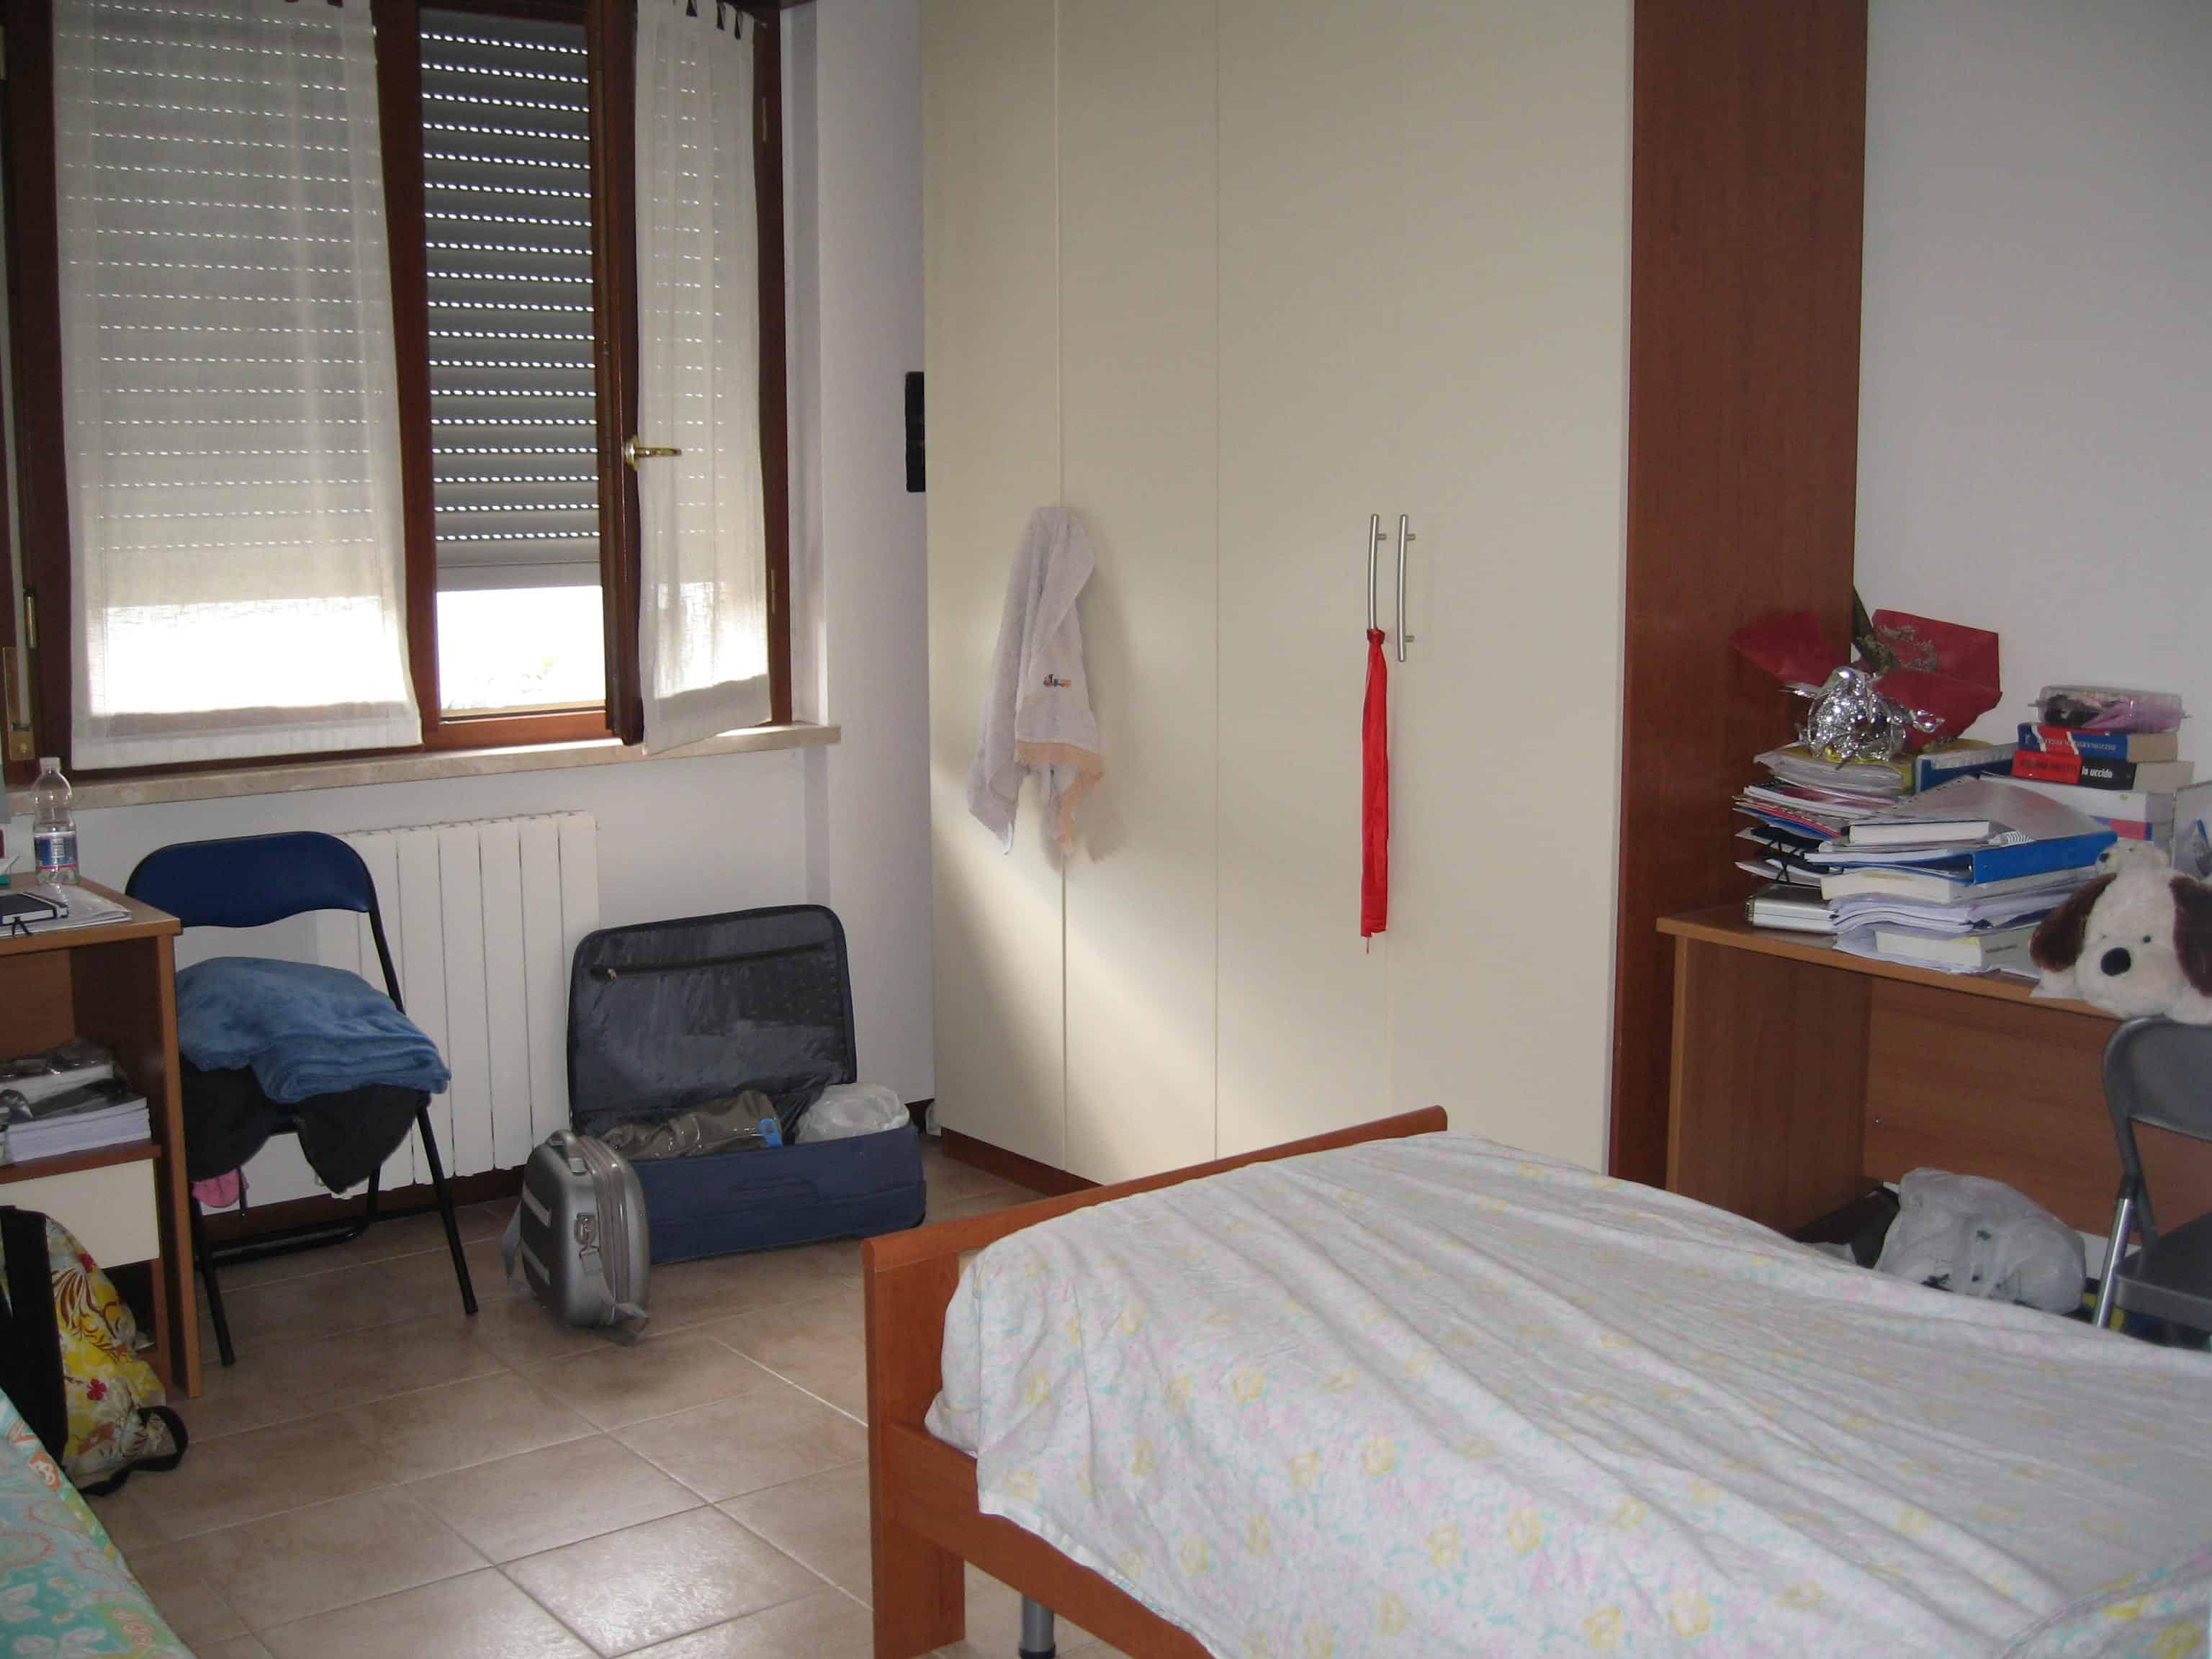 Appartamento per studenti Strada Le Grazie Verona - Camera doppia 2